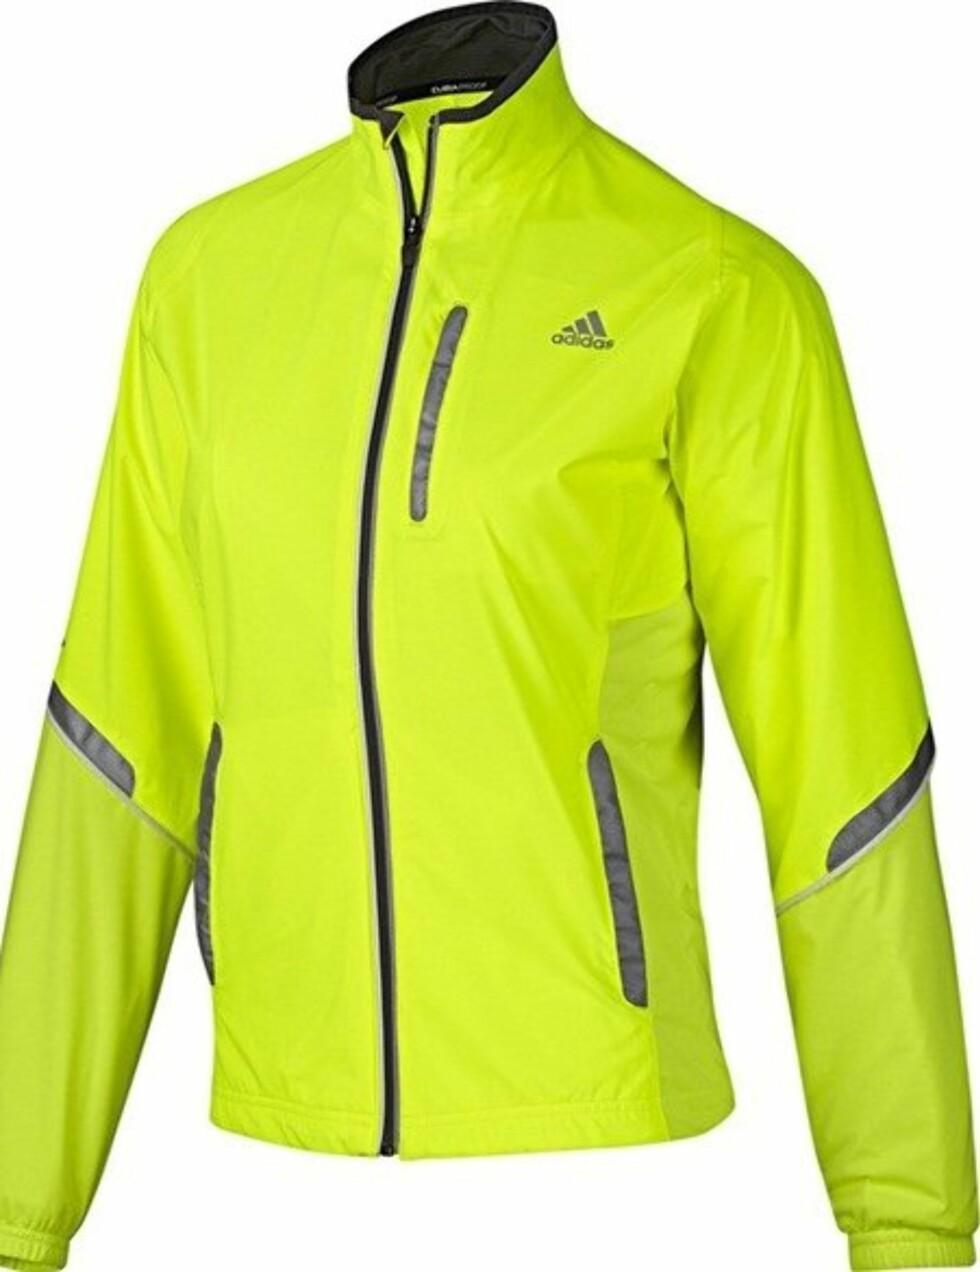 Adidas Seq av Beat jakke. 1400 kroner, Loplabbet.no.